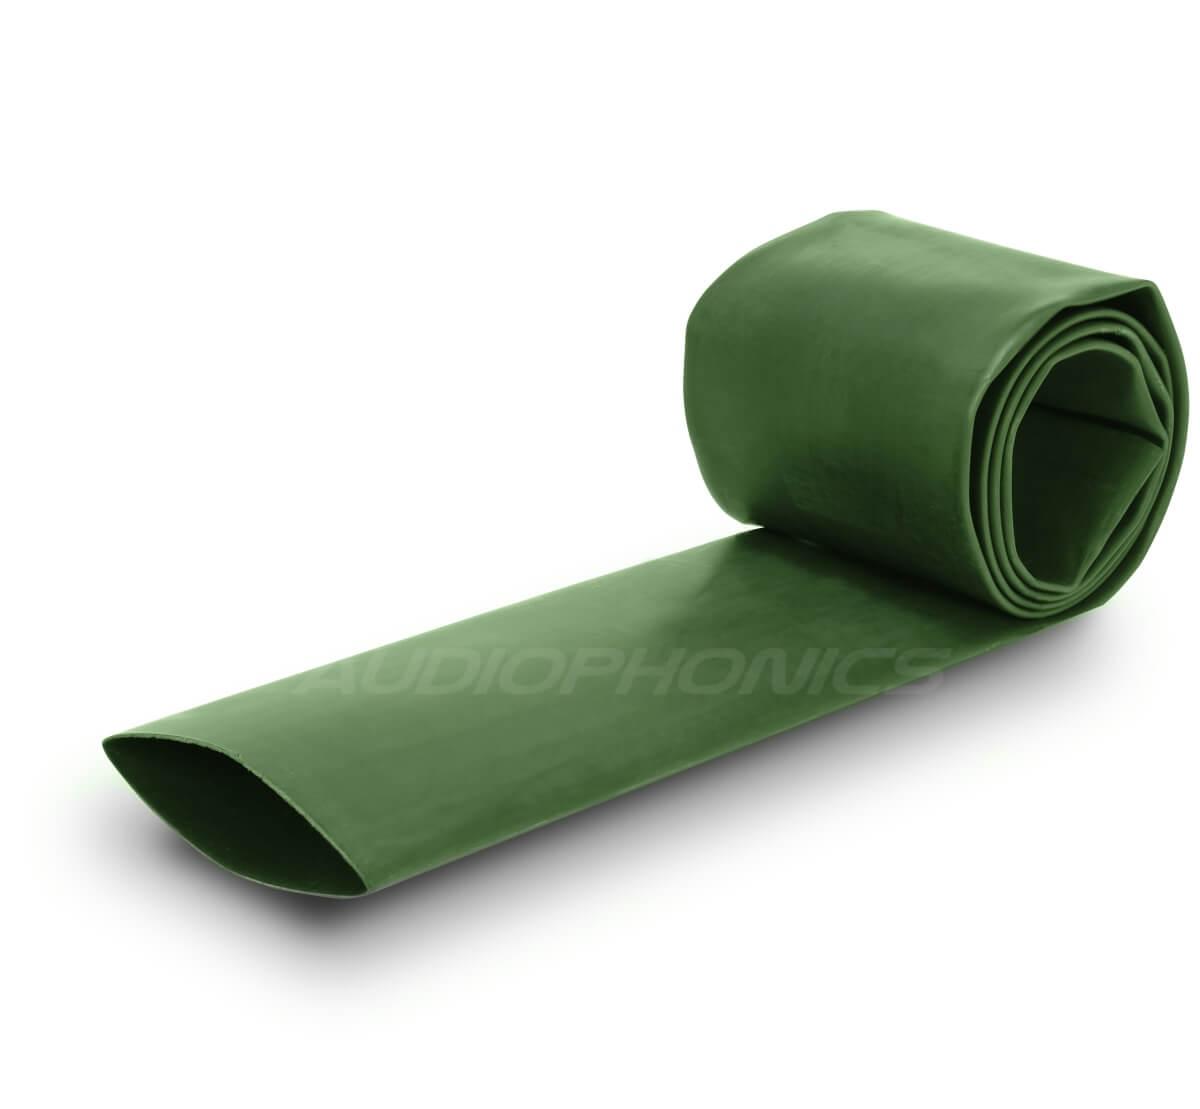 Heat-shrink tubing 2:1 Ø25mm Green (1m)